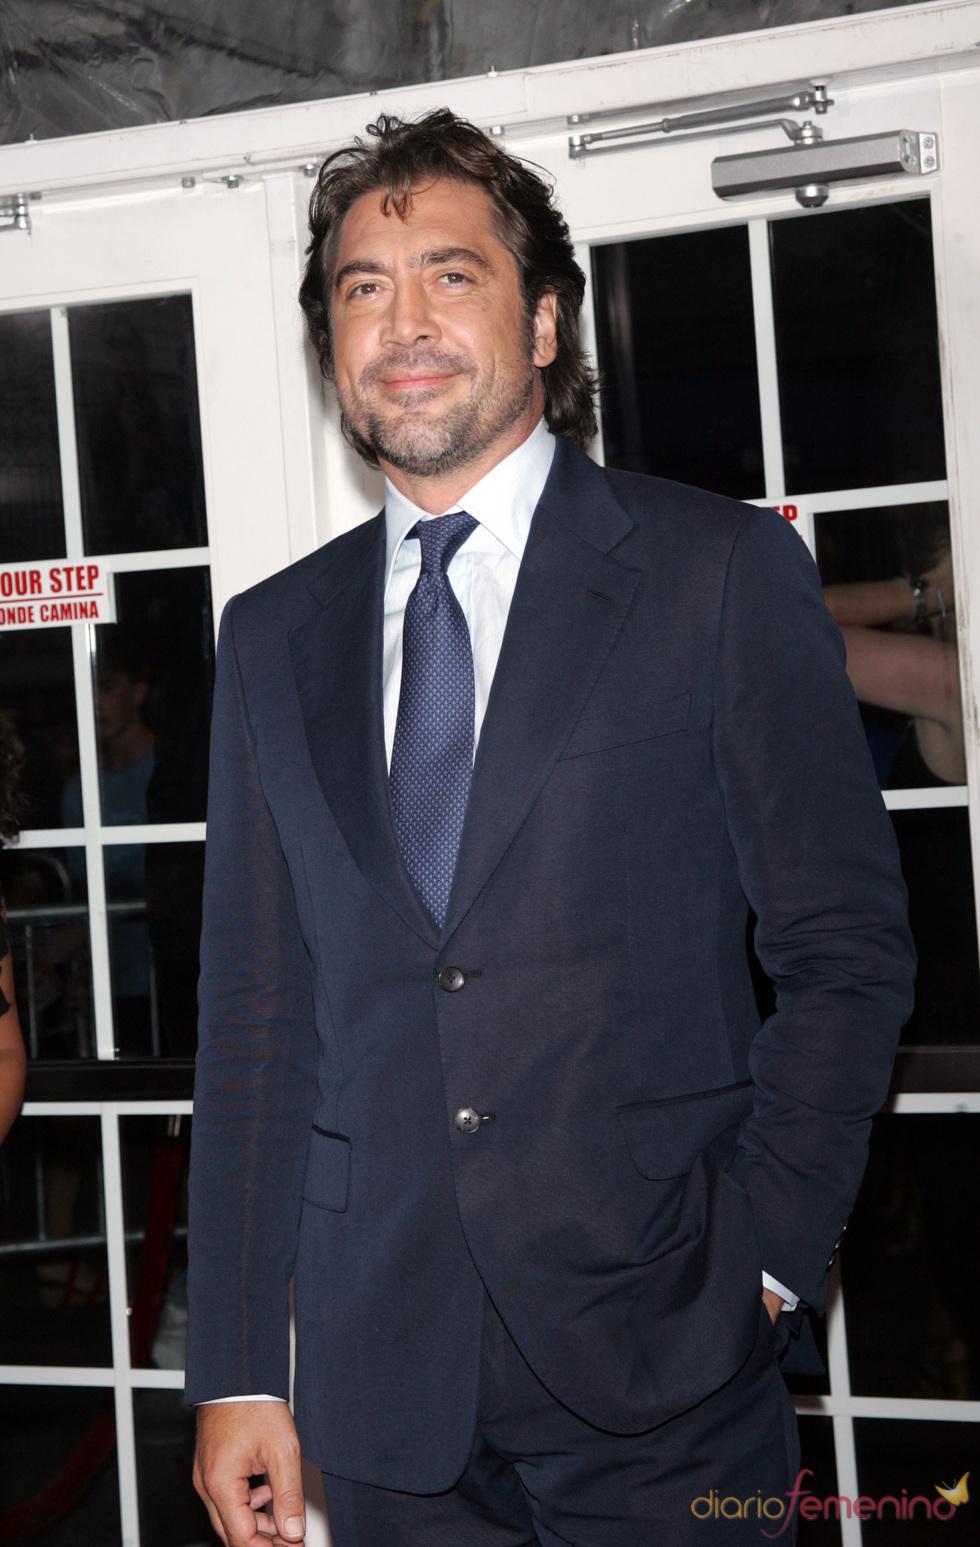 Javier Bardem en el estreno de 'Come, reza, ama' en Nueva York